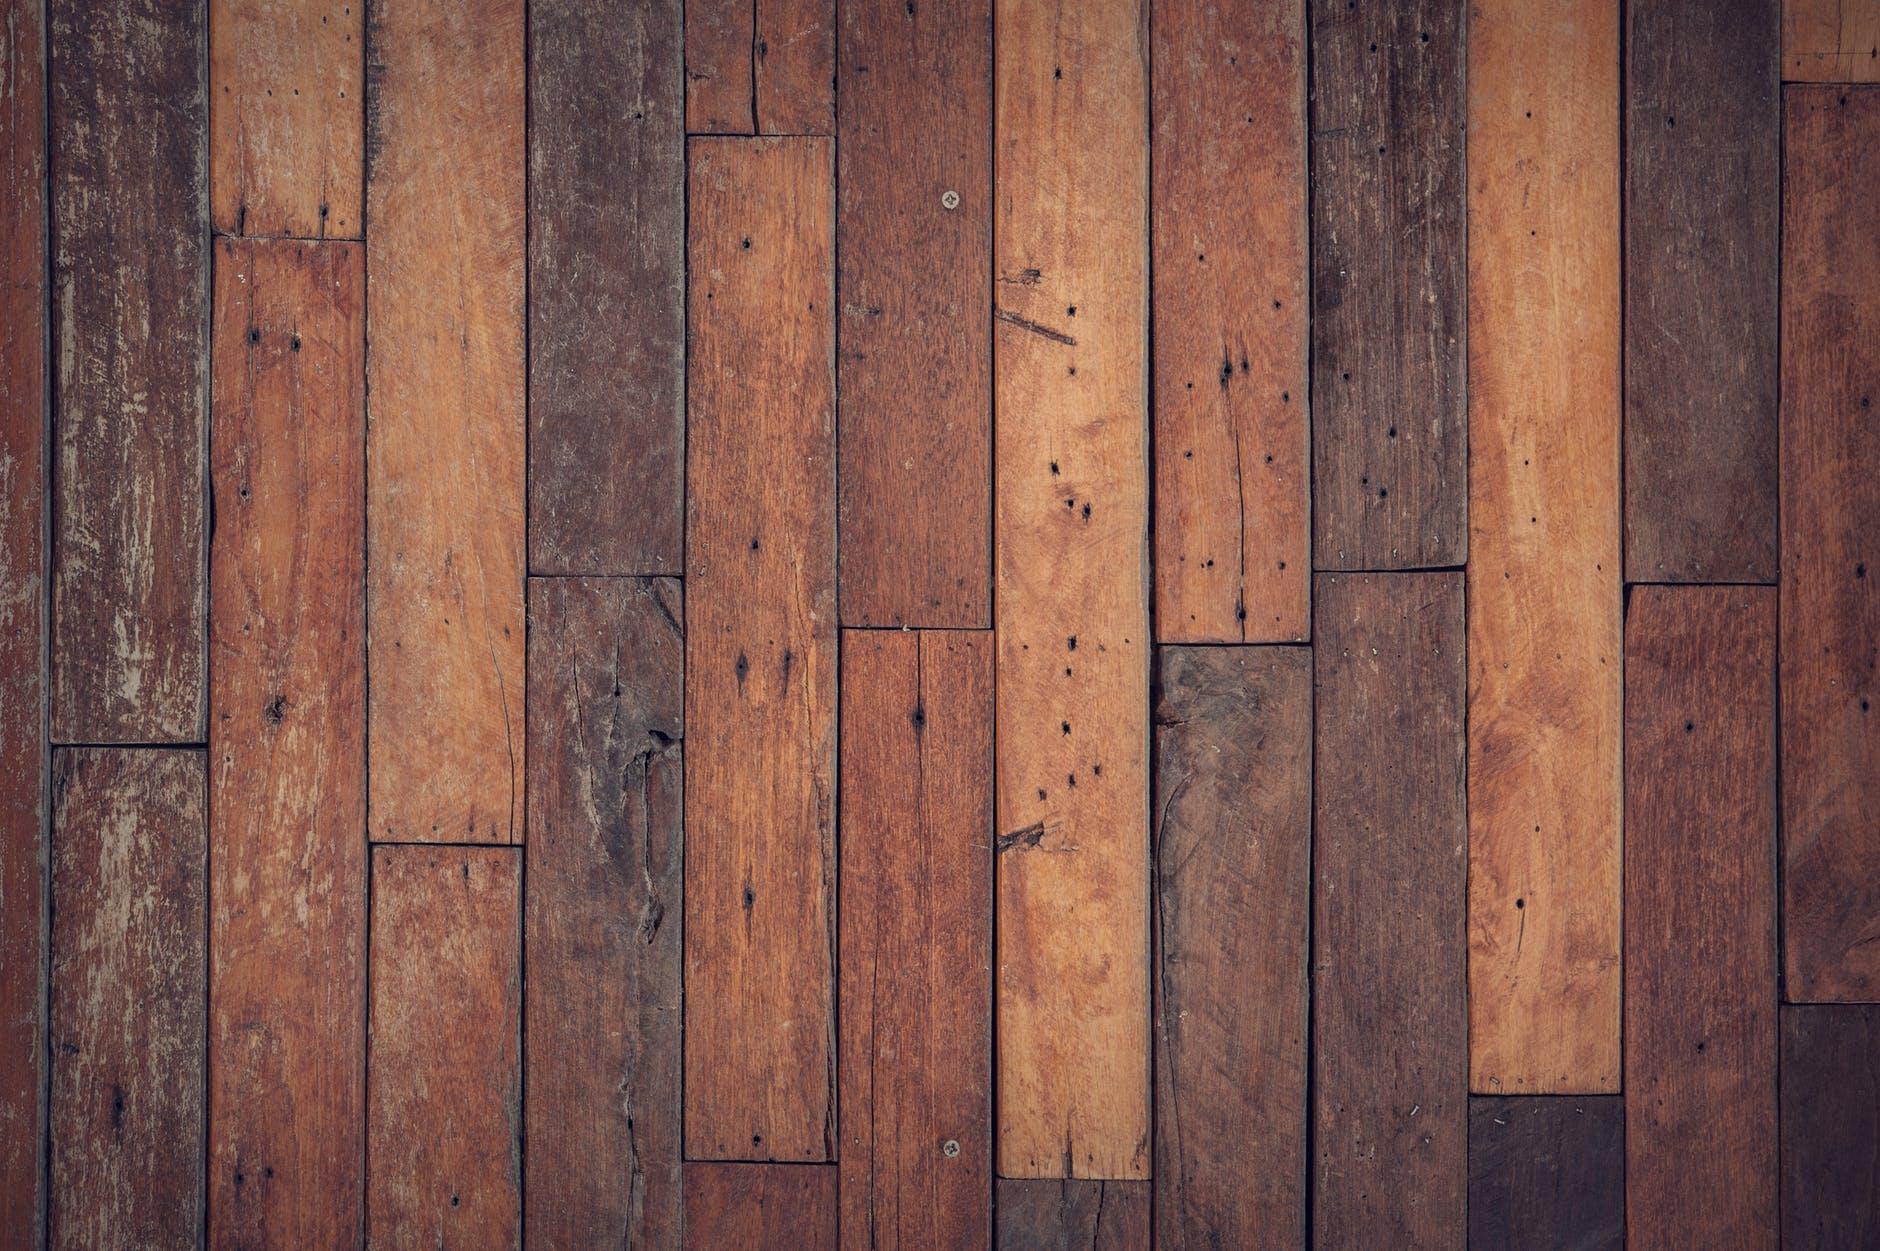 Alternatieven voor houten vloer